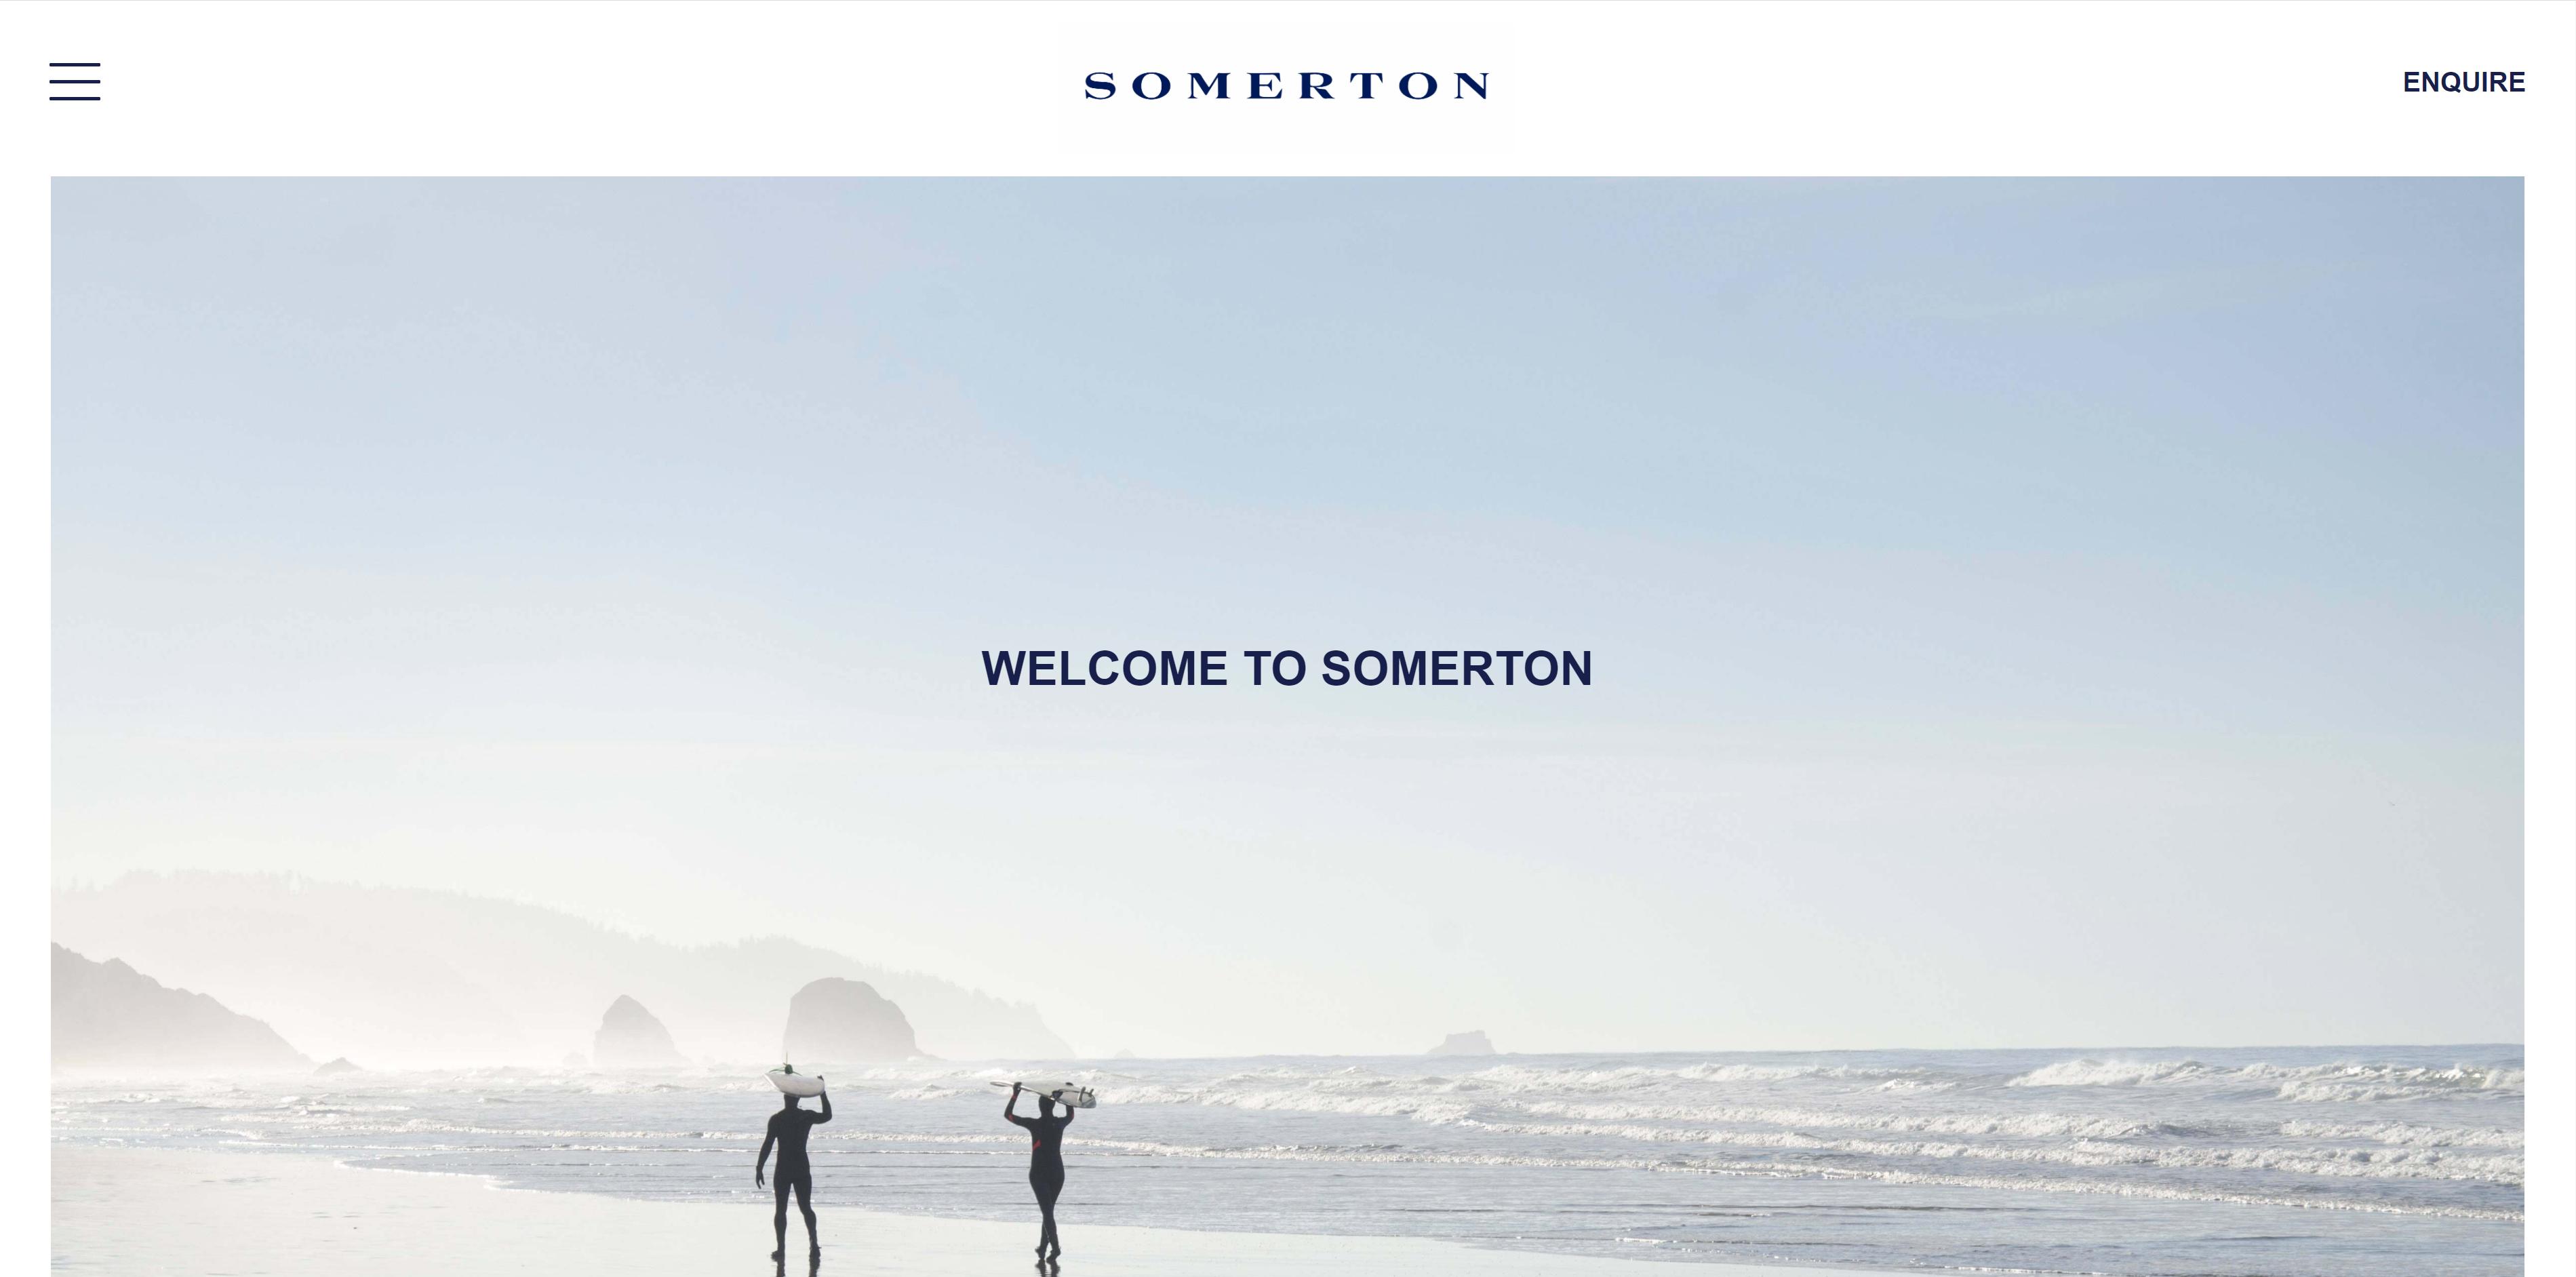 Somerton